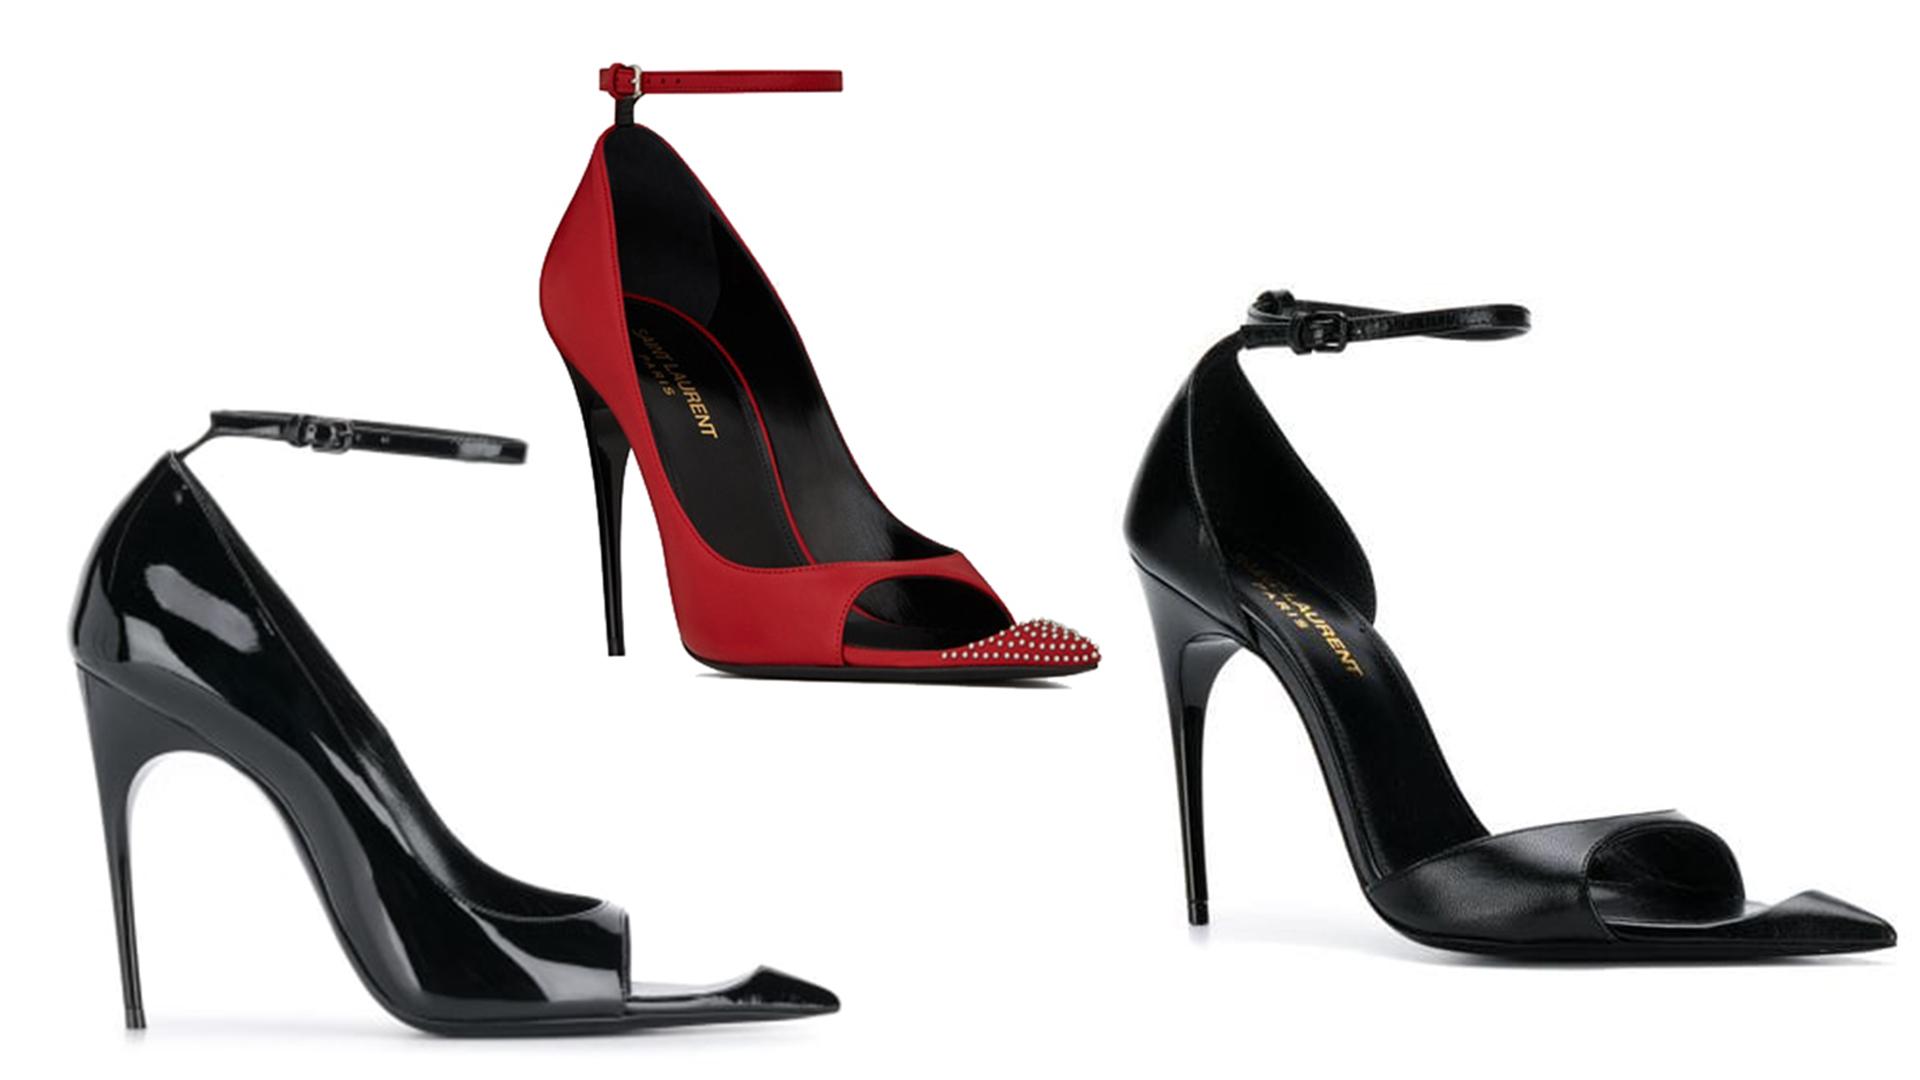 Las distintas versiones de las sandalias.